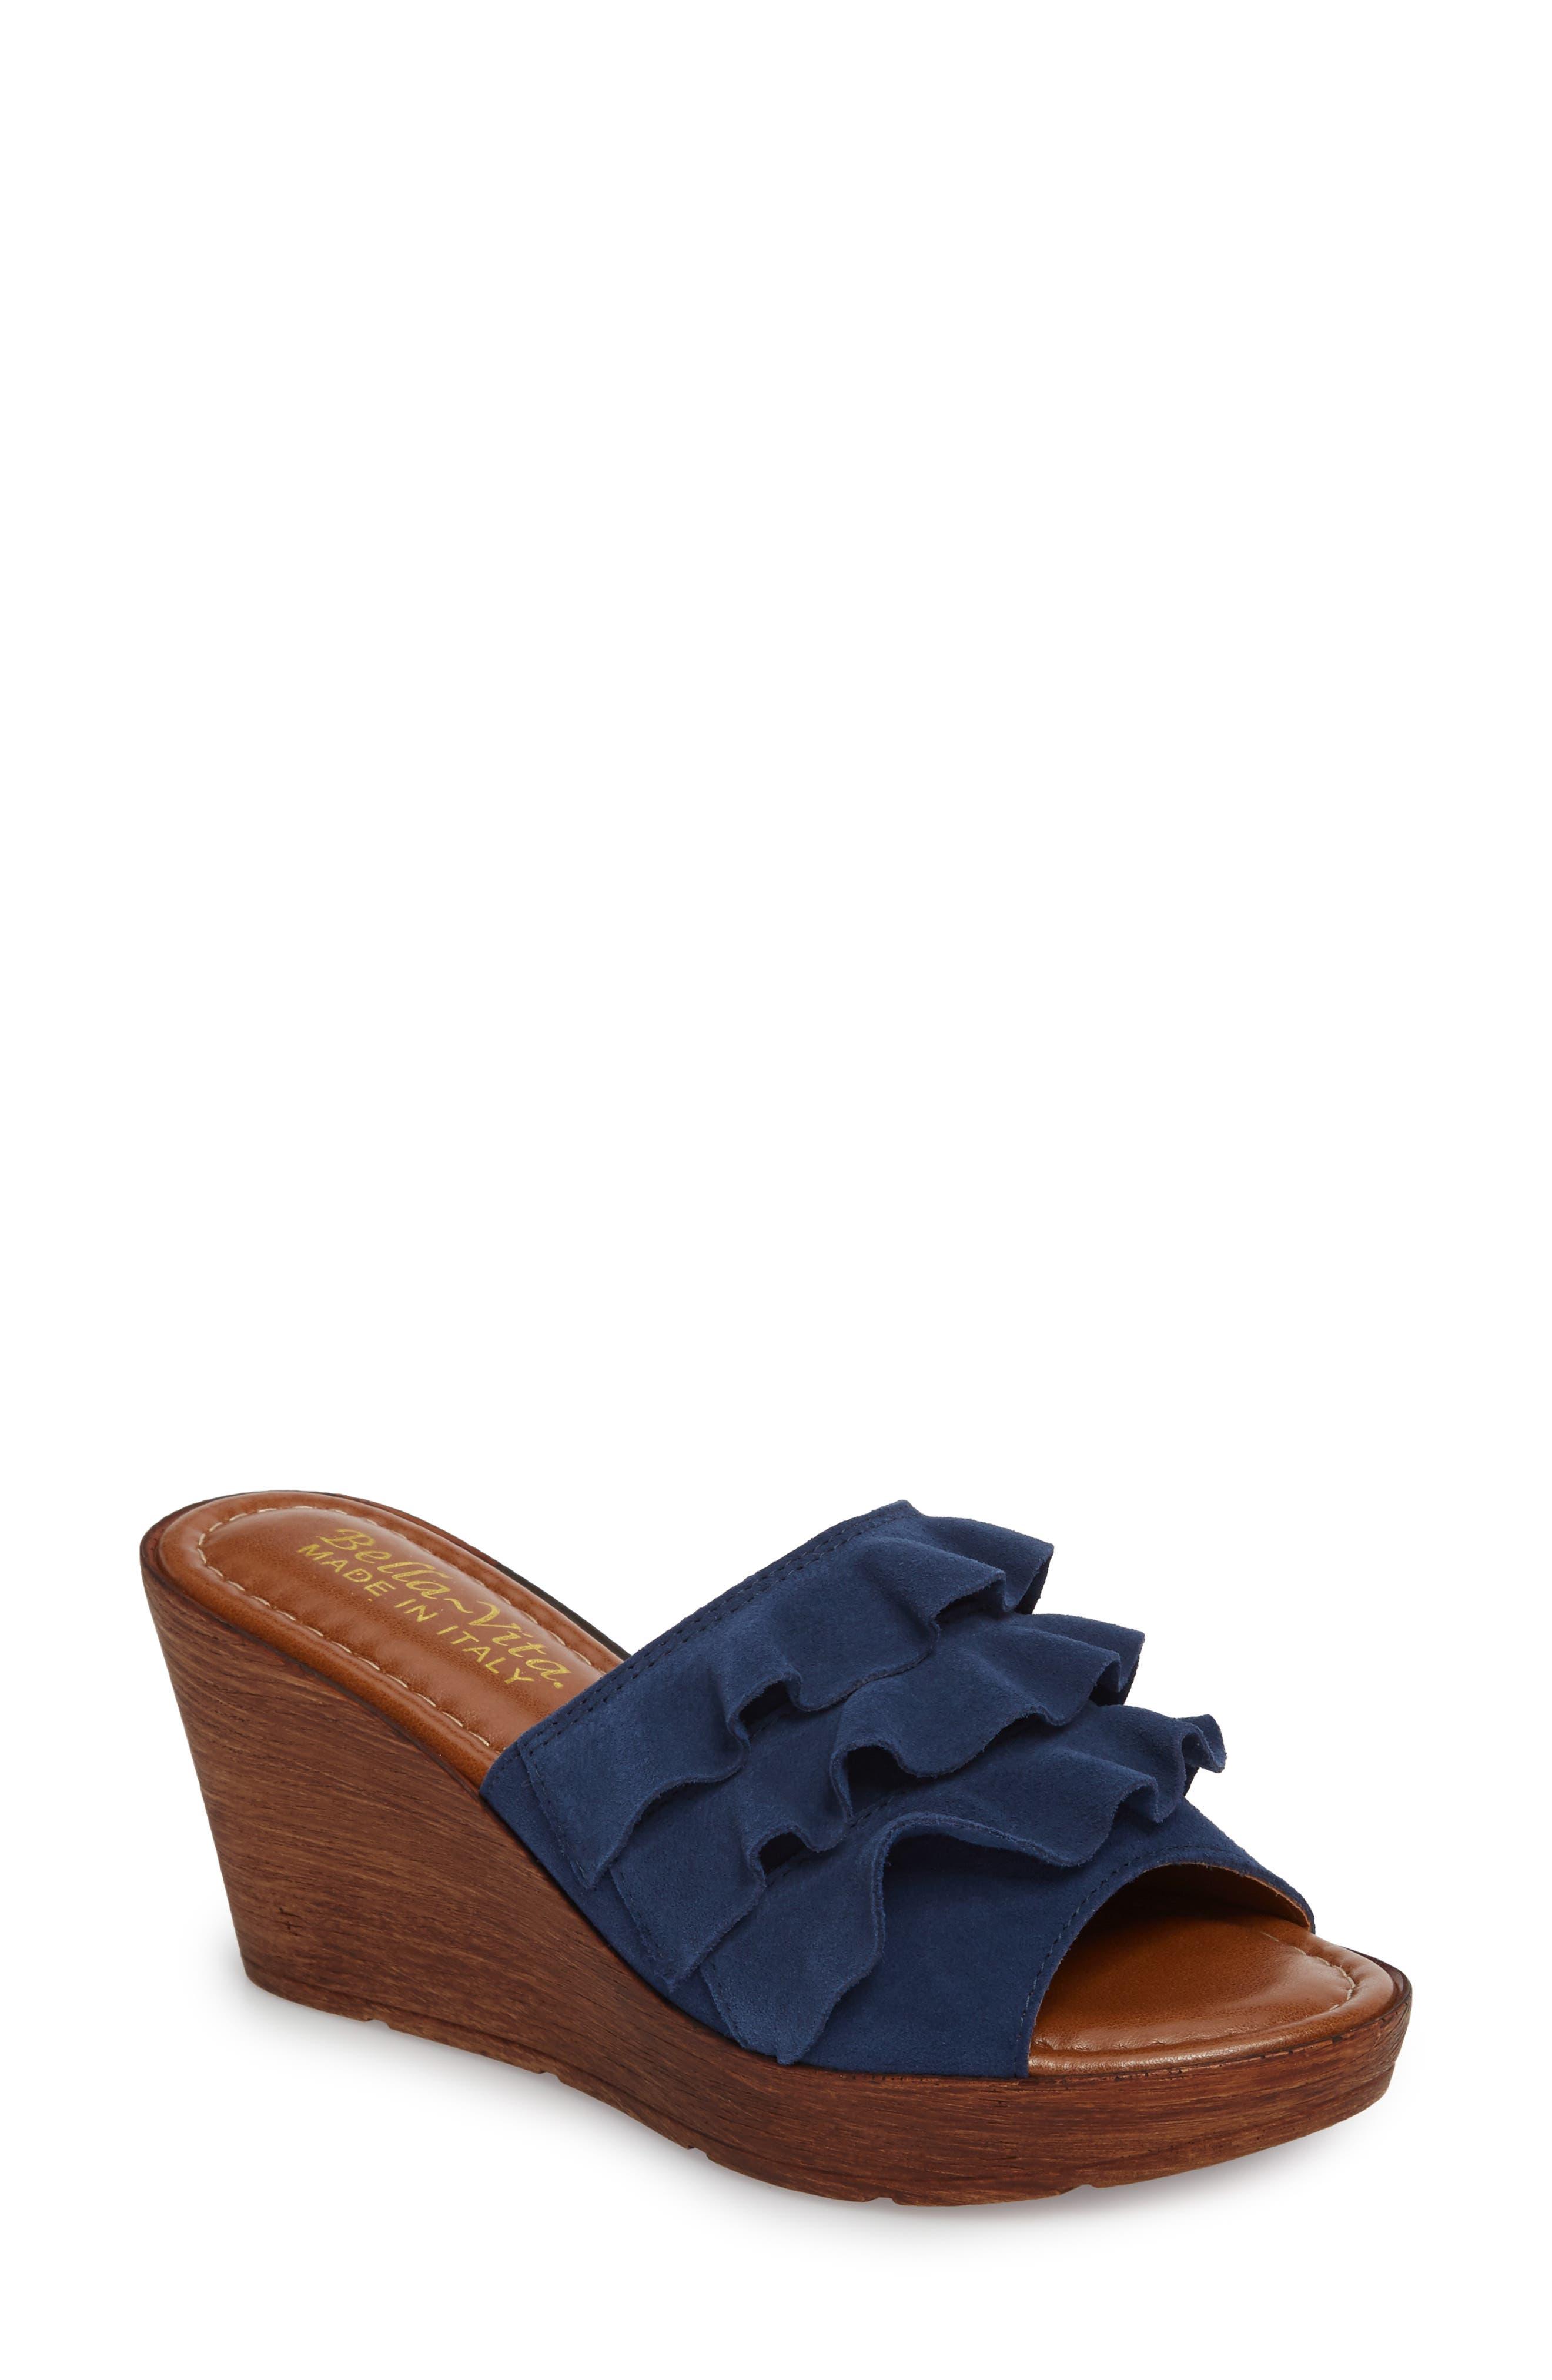 Bey Platform Wedge Sandal,                         Main,                         color, NAVY SUEDE